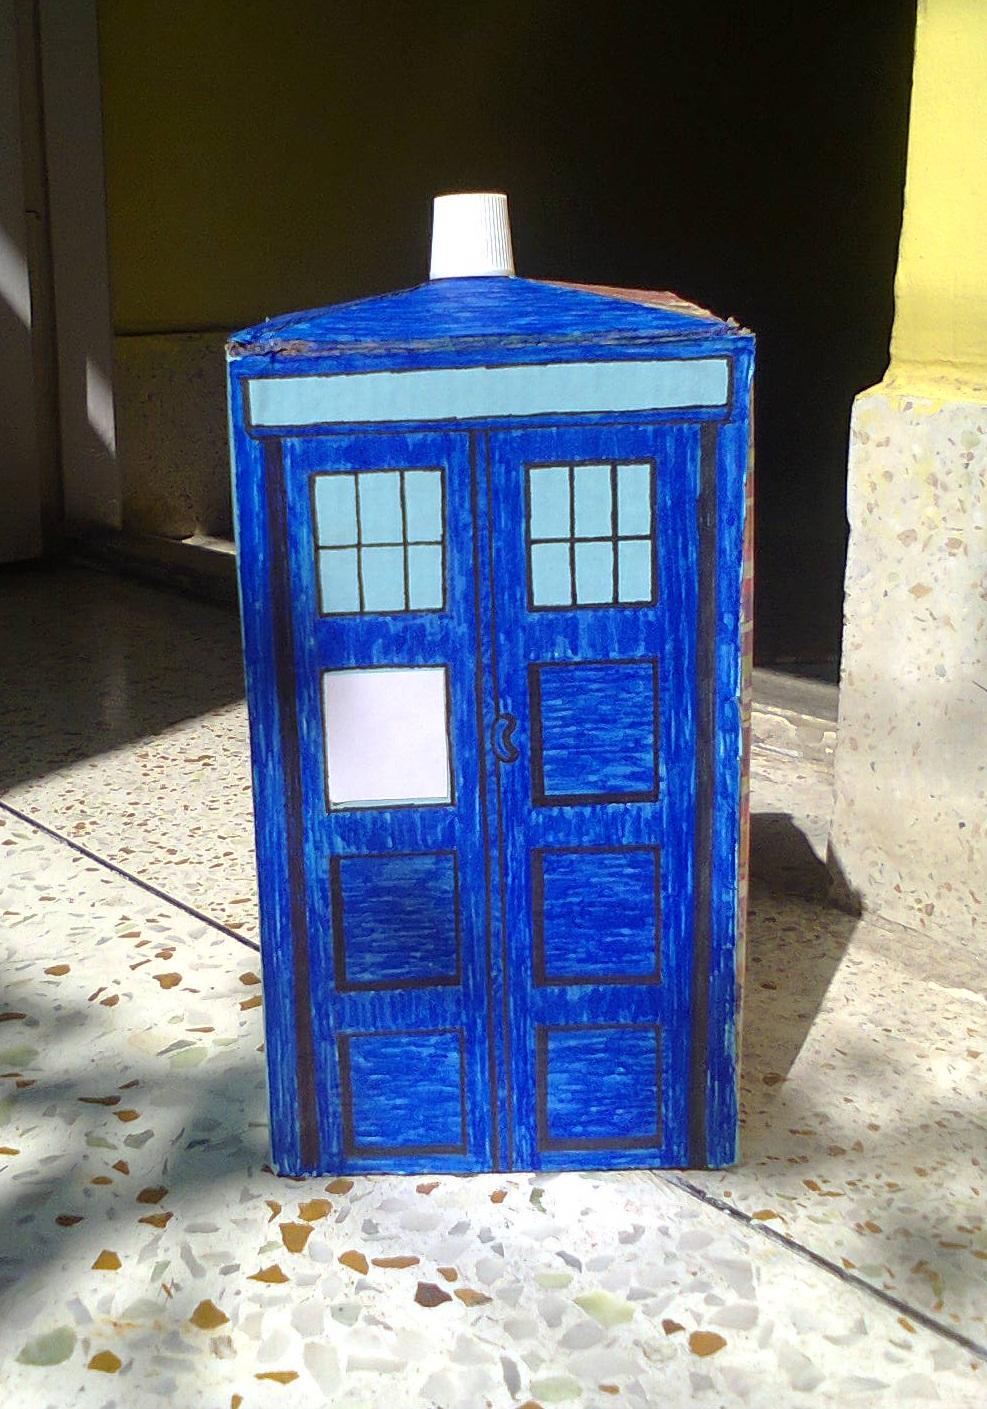 Make an easy TARDIS : The Blue Box